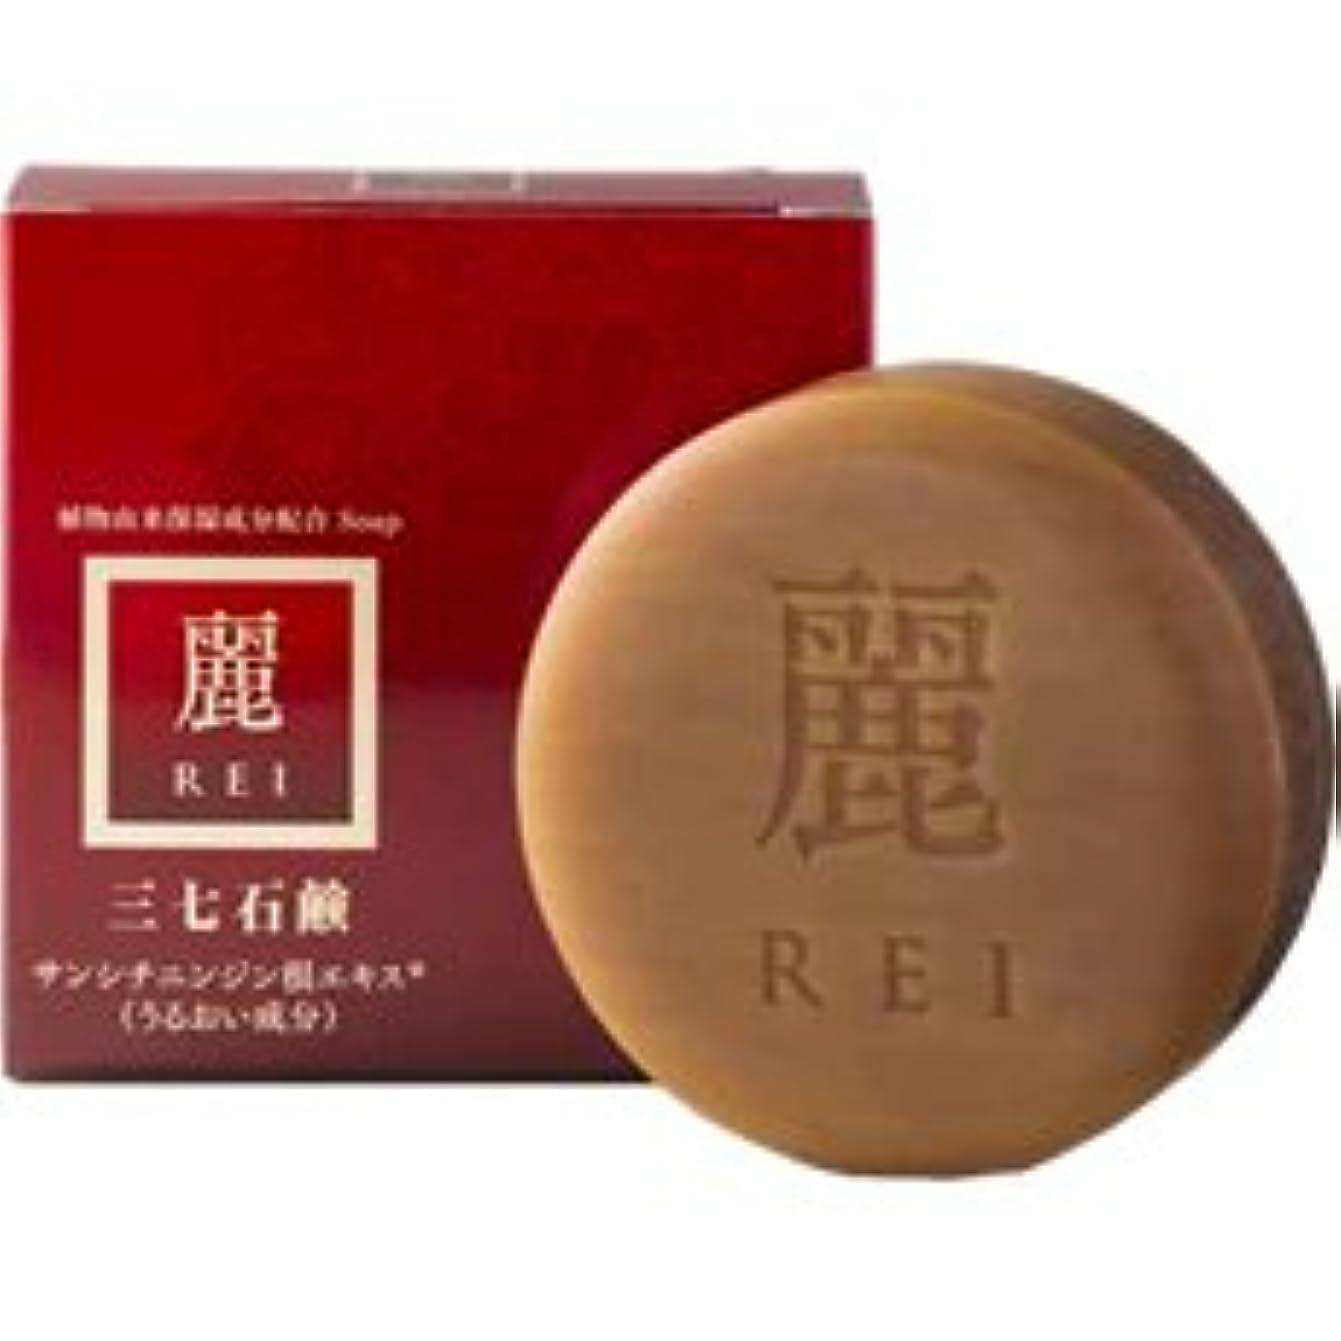 文言全能グリーンバック三七石鹸 麗(れい) 100g